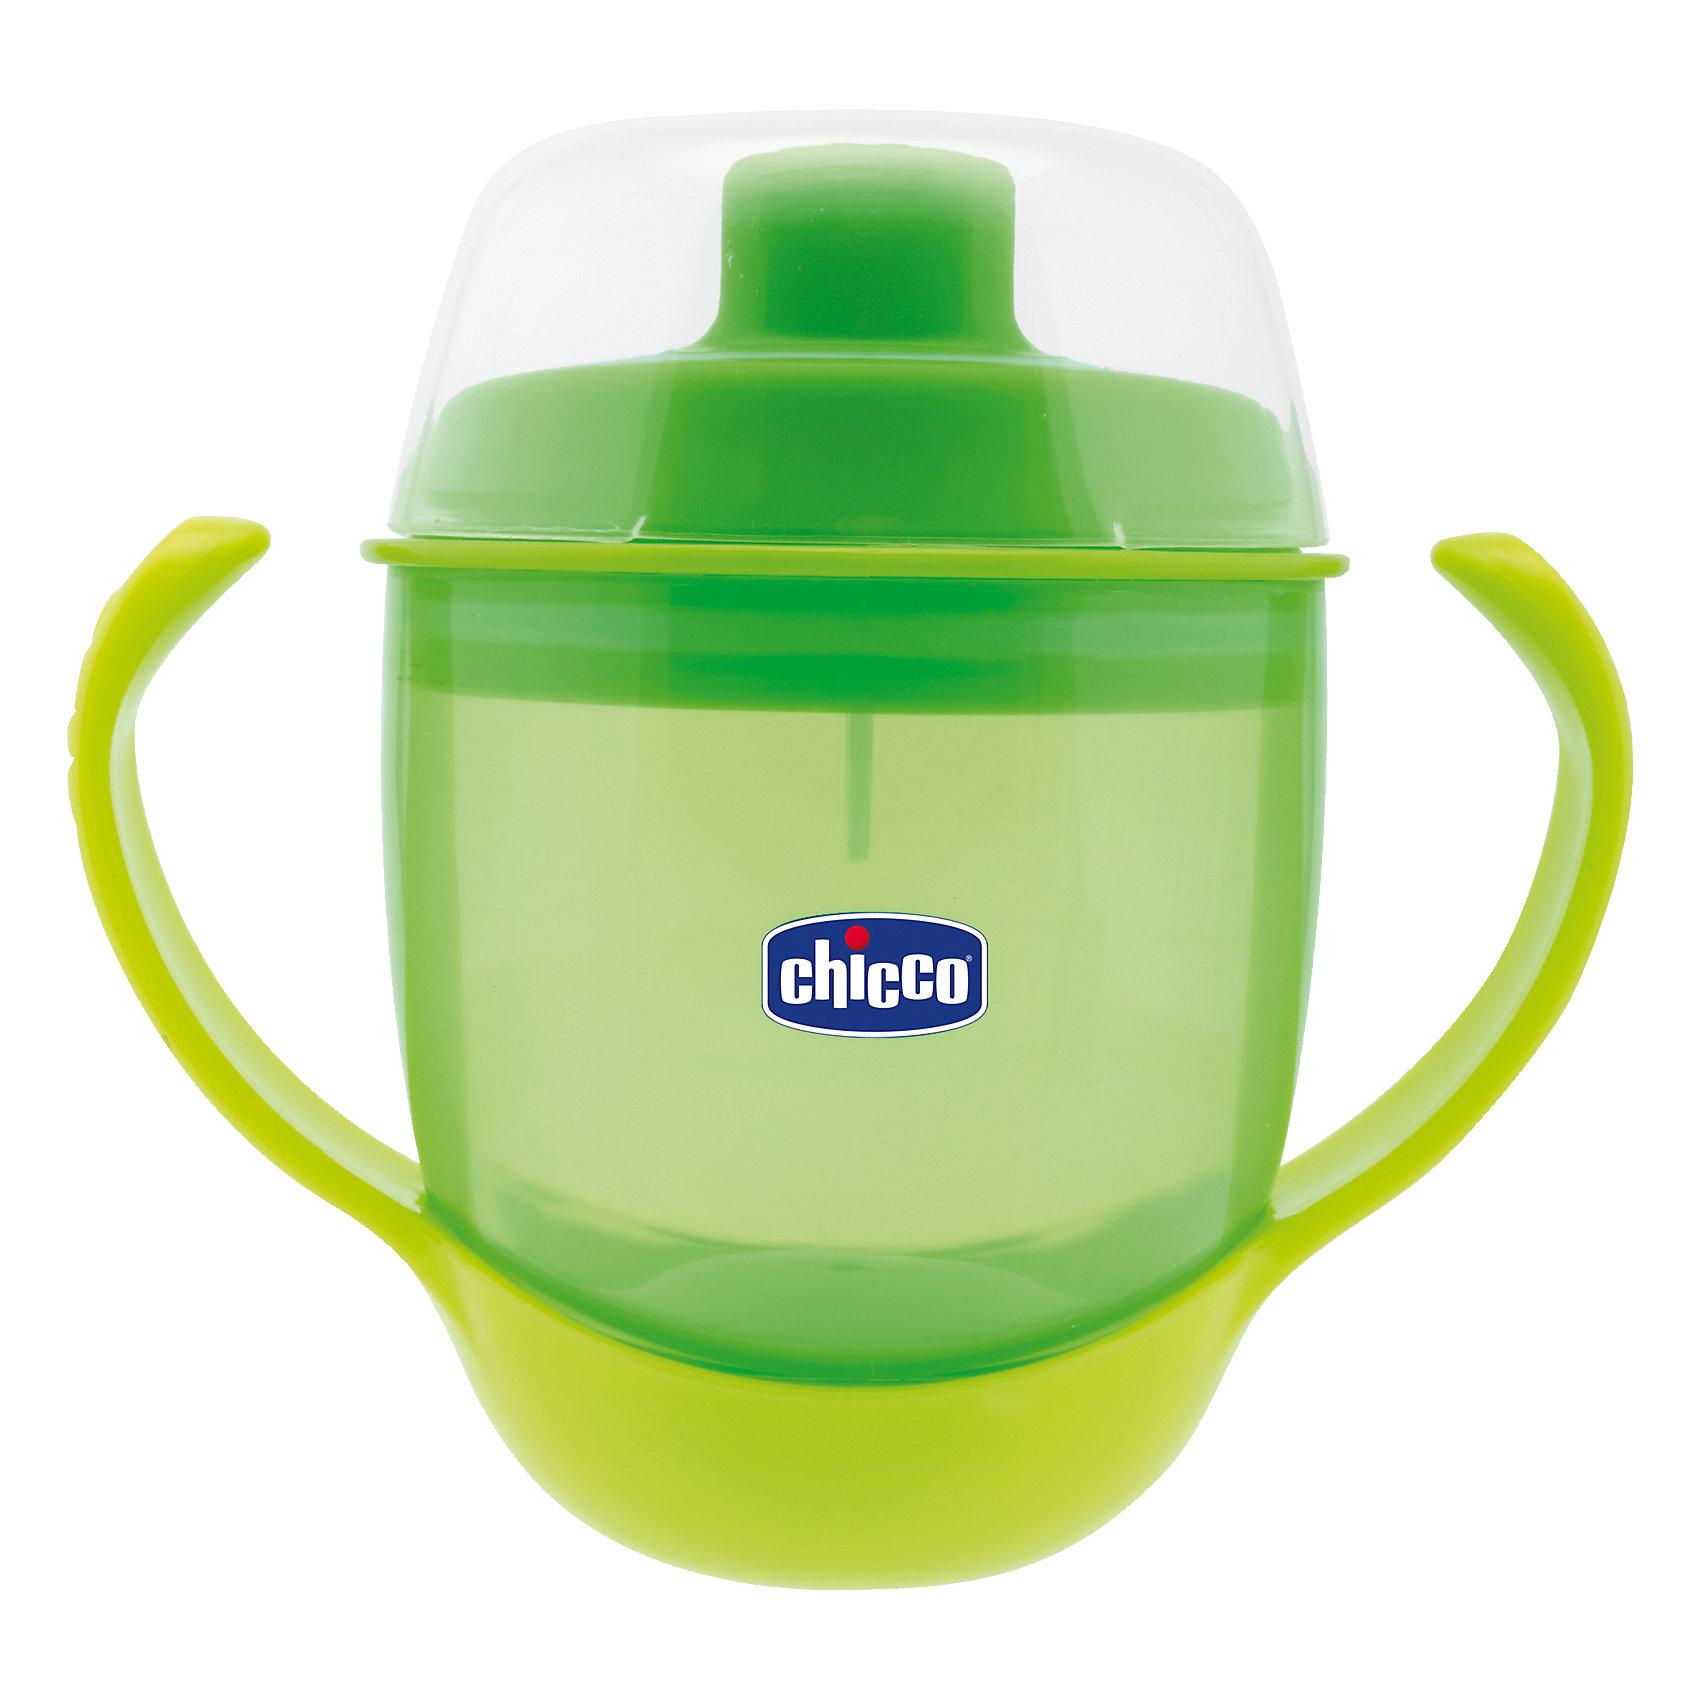 Чашка-поильник трансформер 3-в-1,непроливайка, 12мес.+, 180мл., CHICCOЧашка-поильник от Chicco(Чикко) изготовлена для детей от 1 года. Мягкий носик подойдет детям, которые только учатся пить самостоятельно. Специальный клапан внутри поможет жидкости не вытекать слишком быстро. После того, как малыш научится пить сам, вы сможете снять сначала крышку с носиком, а затем и ручки. С этим поильником малыш с удовольствием сделает первые шаги к самостоятельности!<br><br>Дополнительная информация:<br>Материал: пластик<br>Объем: 180 мл<br>Вес: 170 грамм<br>Размер: 14х9х18,6 см<br>Возраст: от 1 года<br><br>Чашку-поильник трансформер Chicco(Чикко) можно приобрести в нашем интернет-магазине.<br><br>Ширина мм: 164<br>Глубина мм: 108<br>Высота мм: 88<br>Вес г: 170<br>Цвет: зеленый<br>Возраст от месяцев: 12<br>Возраст до месяцев: 36<br>Пол: Унисекс<br>Возраст: Детский<br>SKU: 4074366